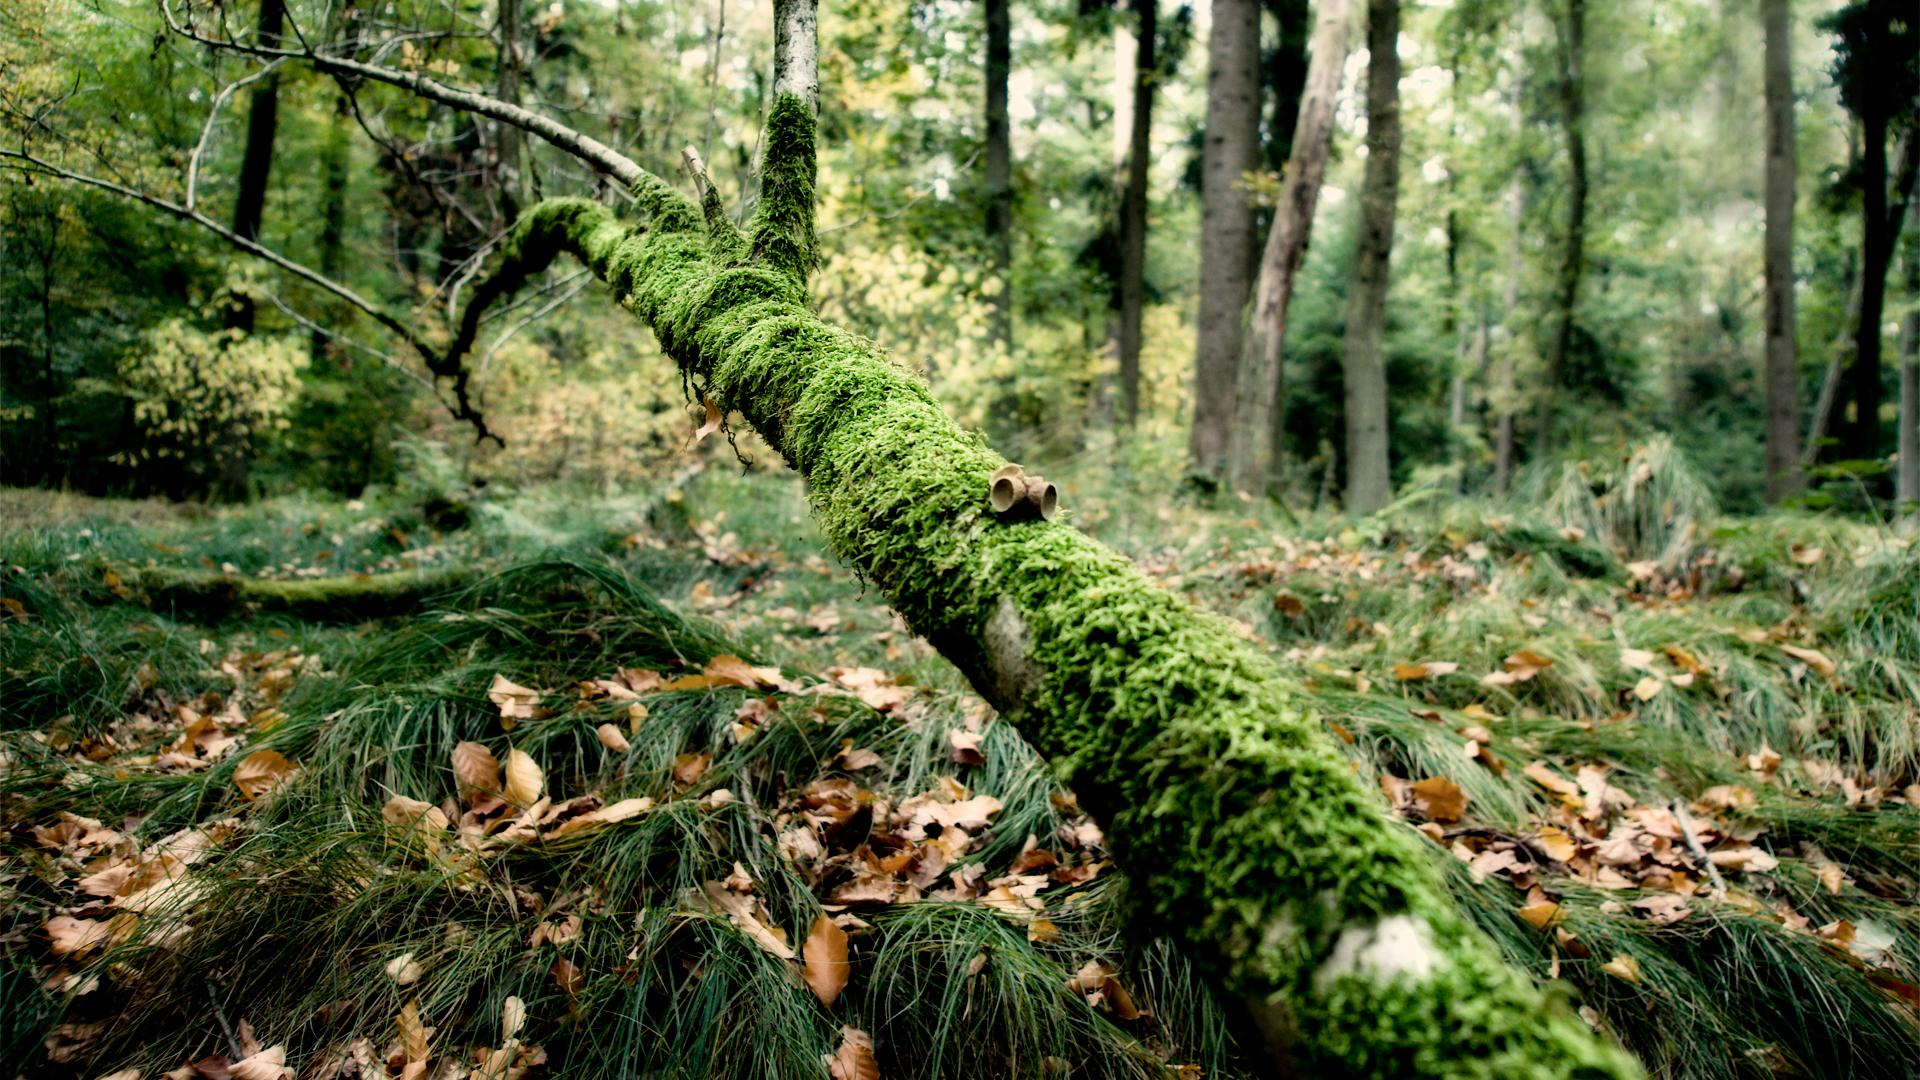 В итальянском лесу живым найден врач, пропавший 20 лет назад